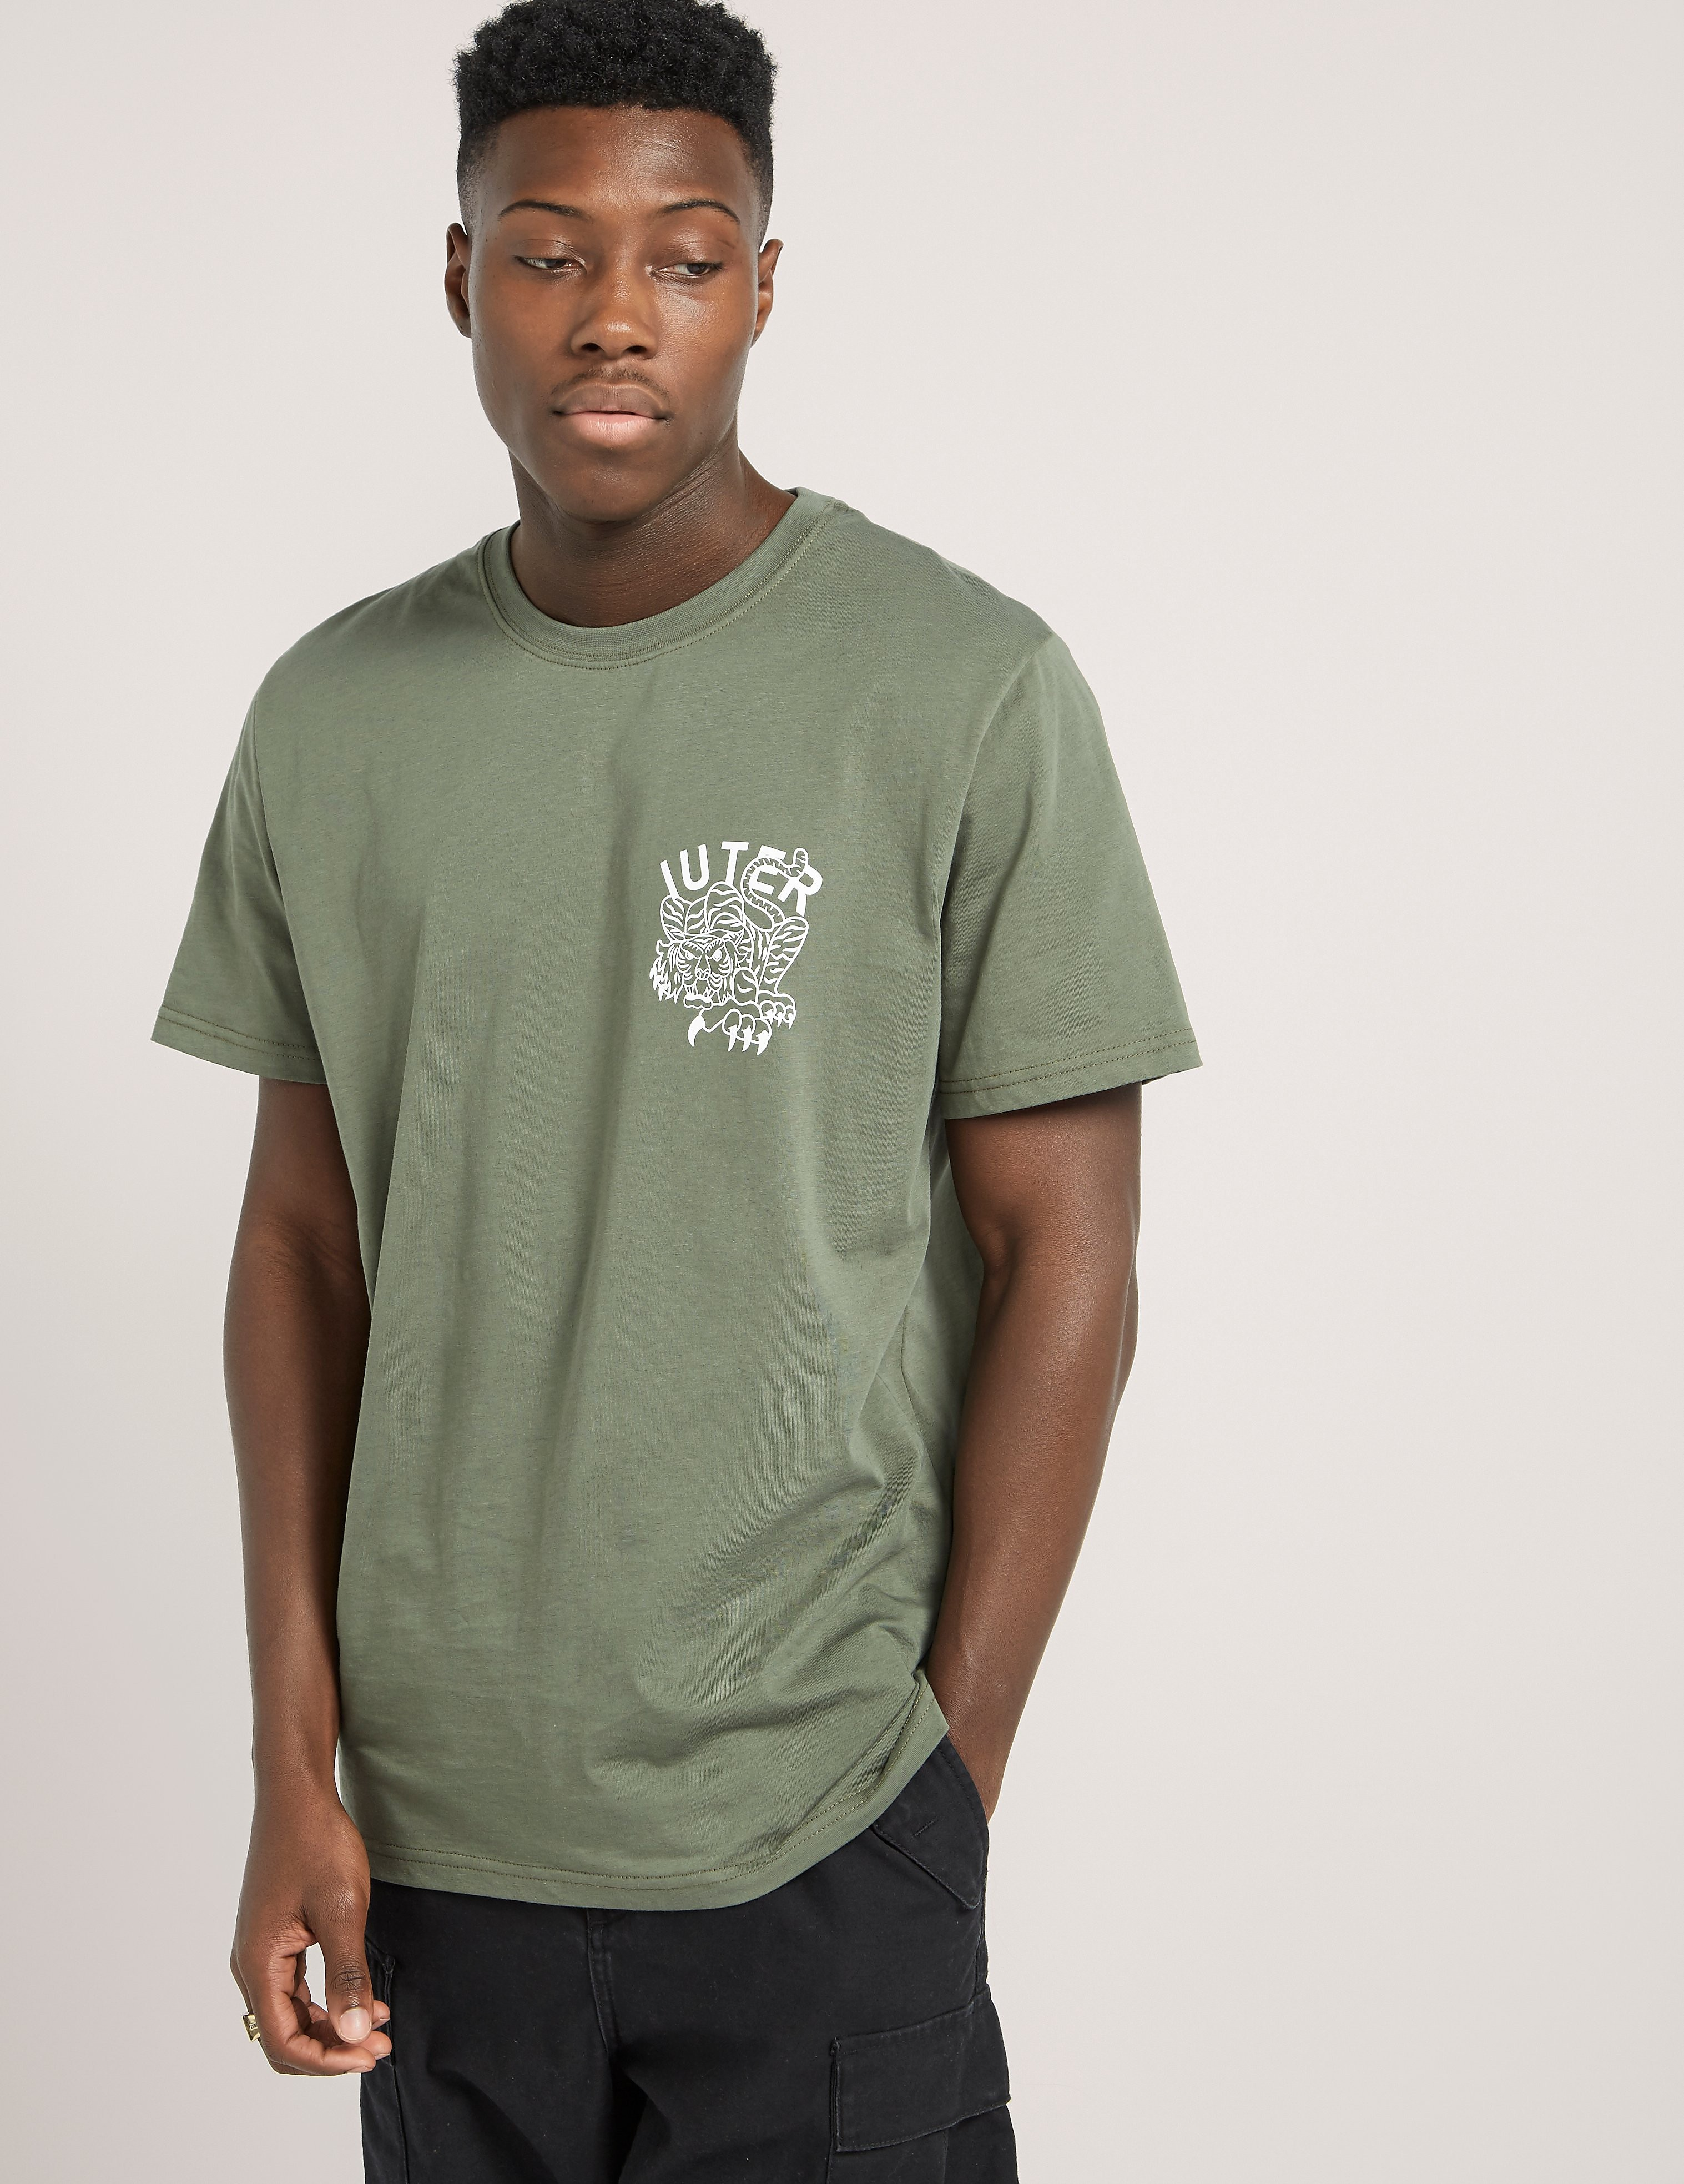 IUTER Vietnam T-Shirt - Exclusive